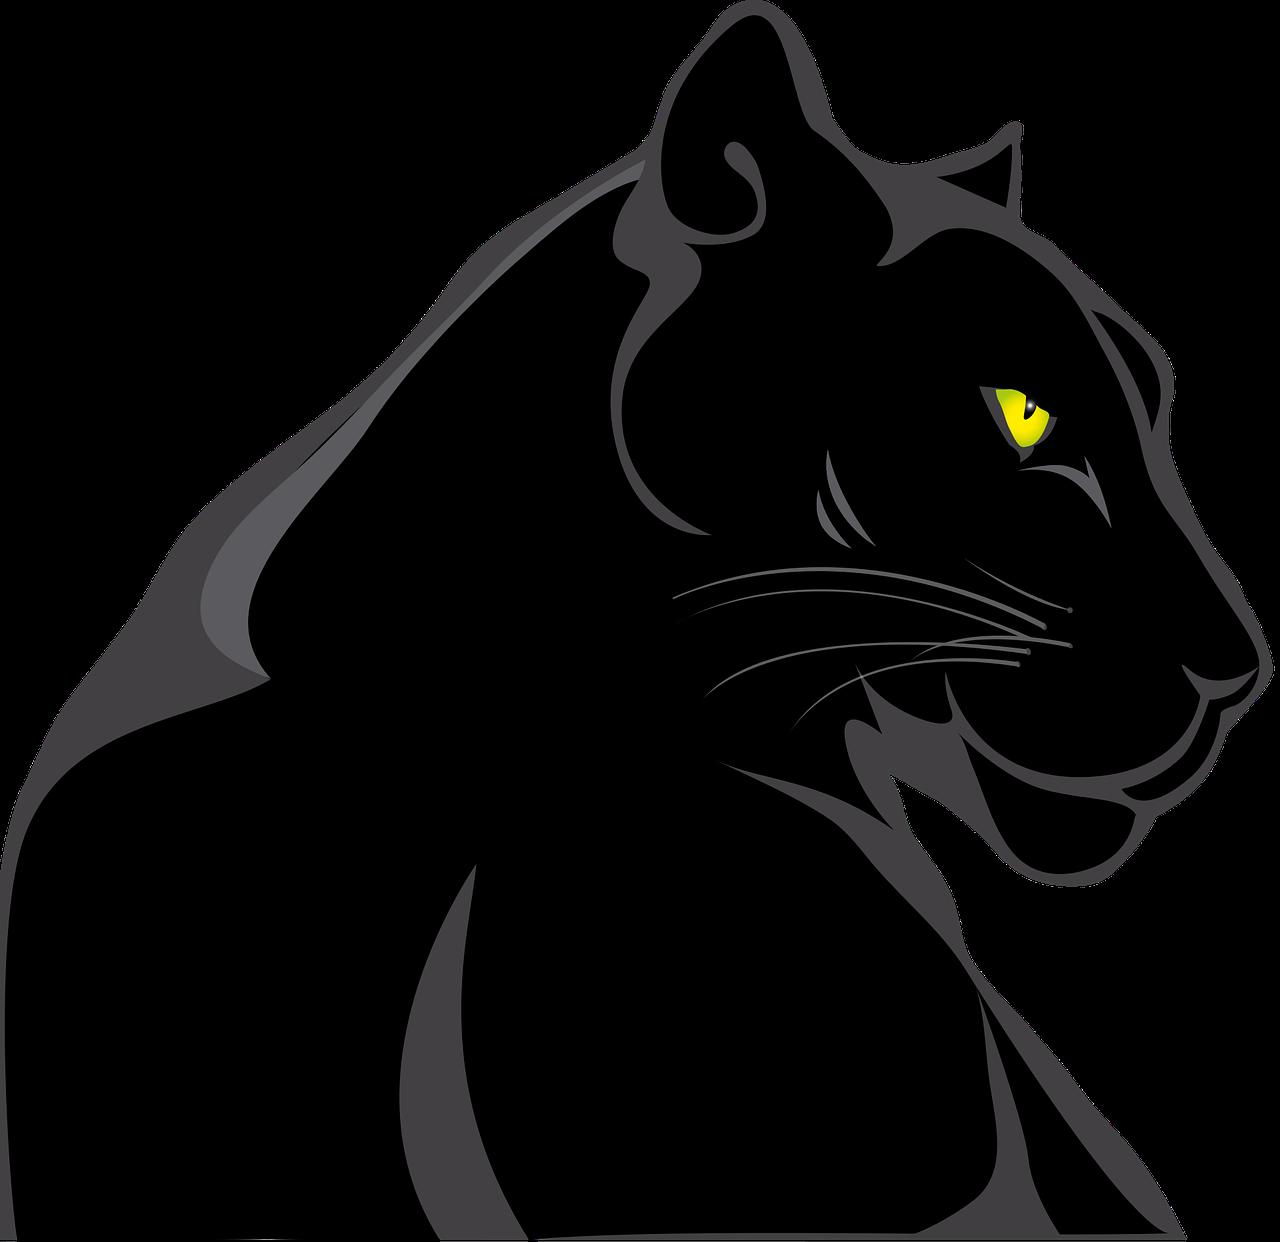 Free Image On Pixabay Panther Animals Feline Wild Panther Art Jaguar Animal Black Jaguar Animal